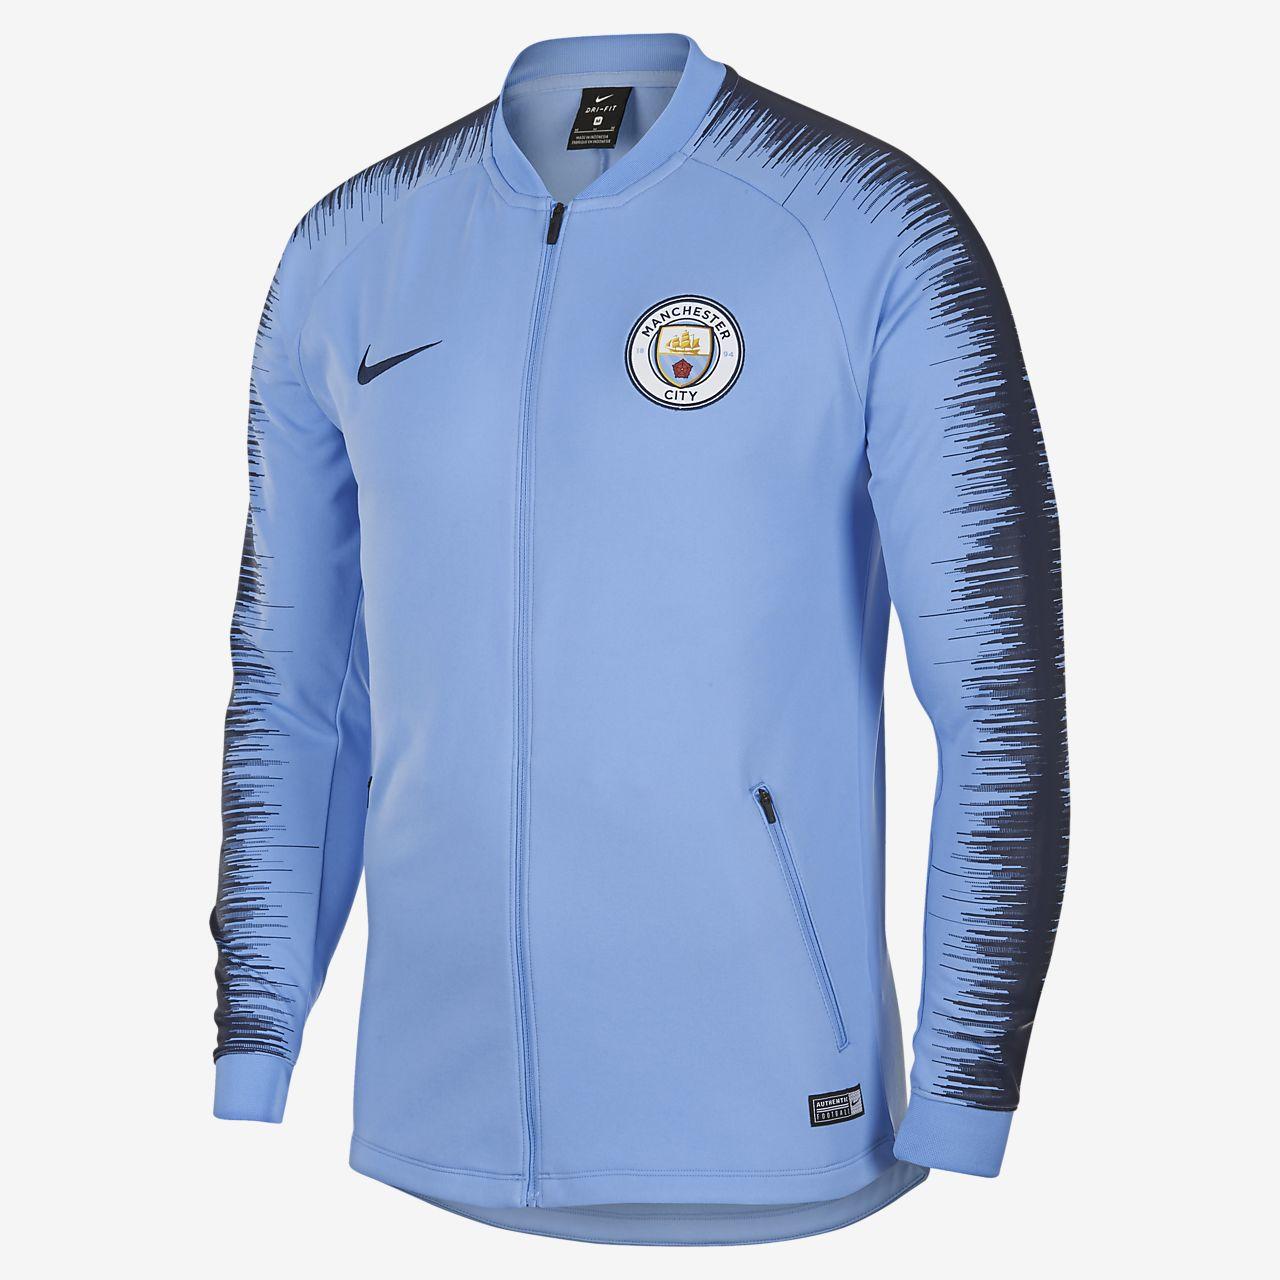 abbigliamento calcio Manchester City modello